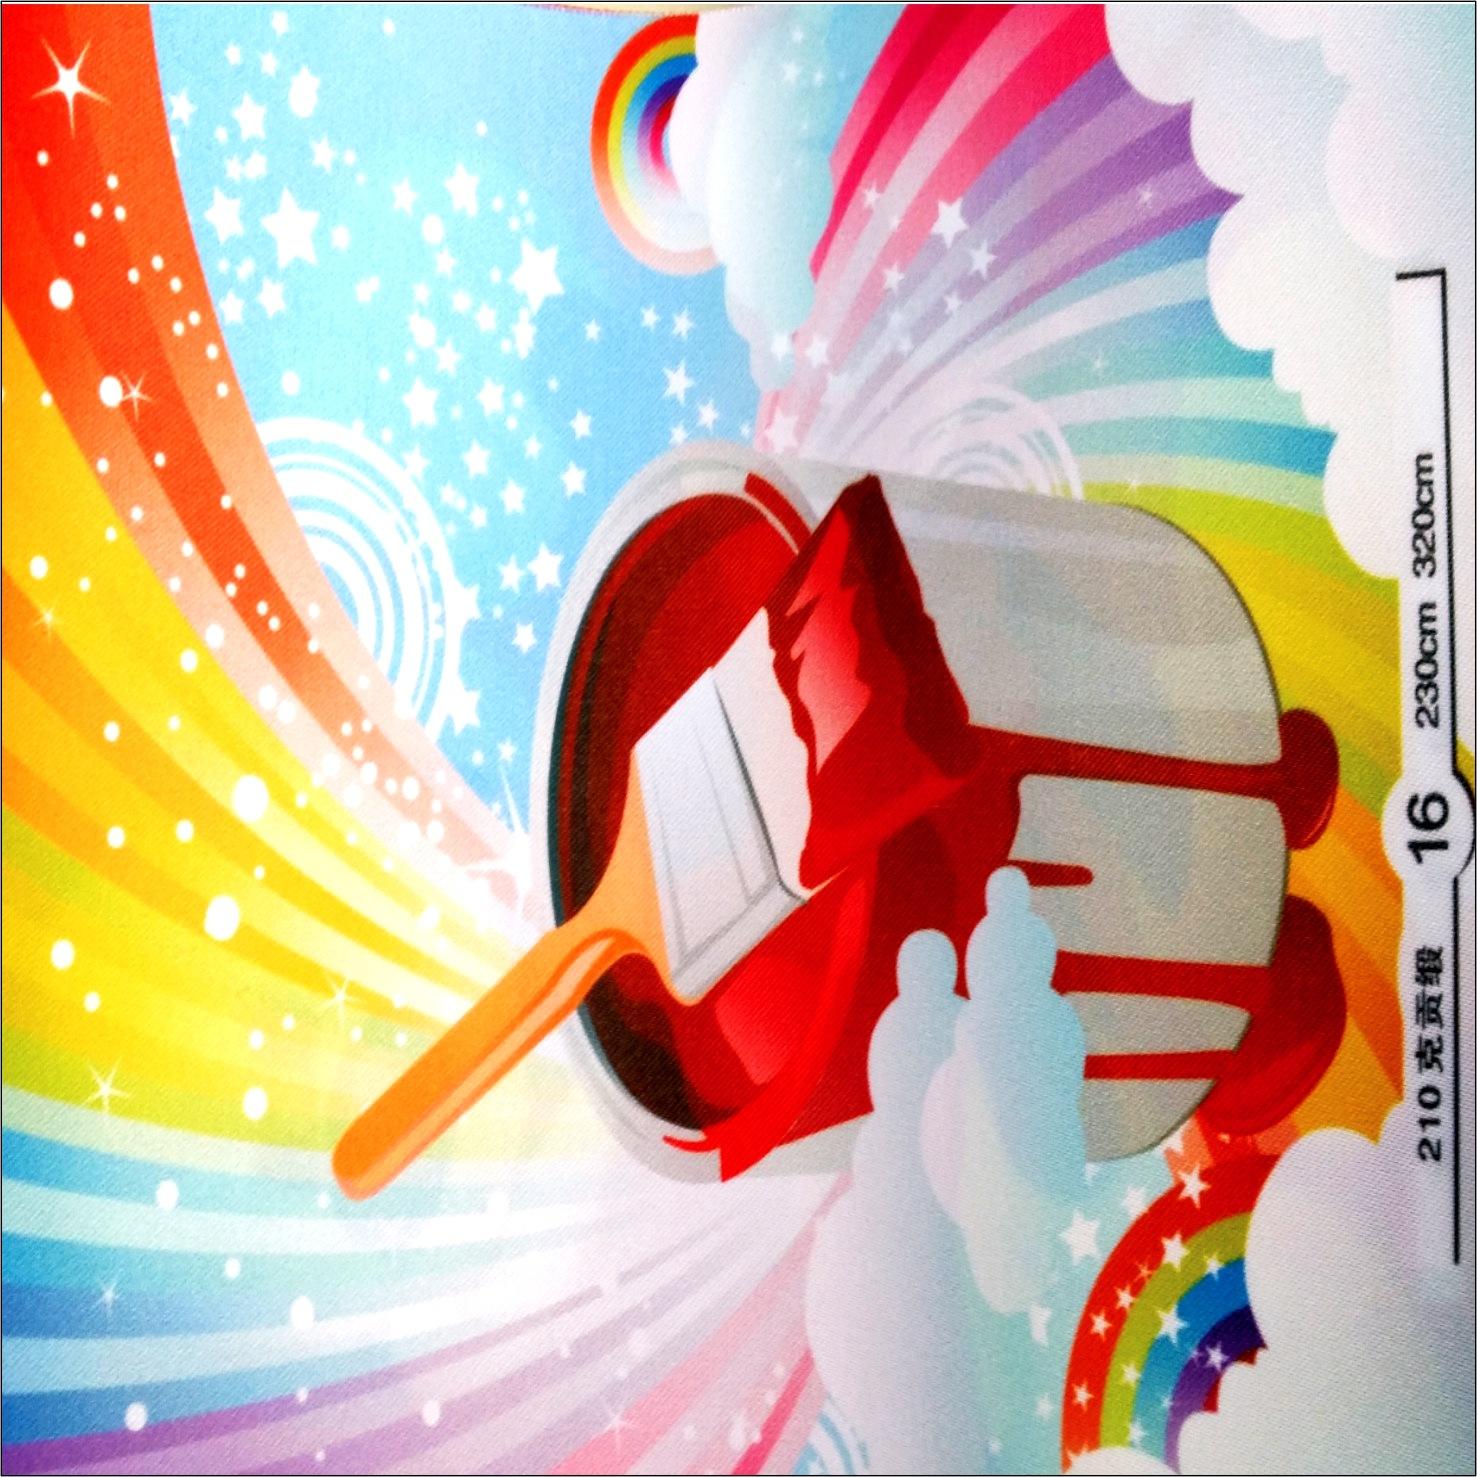 厂家直销宽幅数码直喷布热升华旗帜布320广告条幅专业生产批发